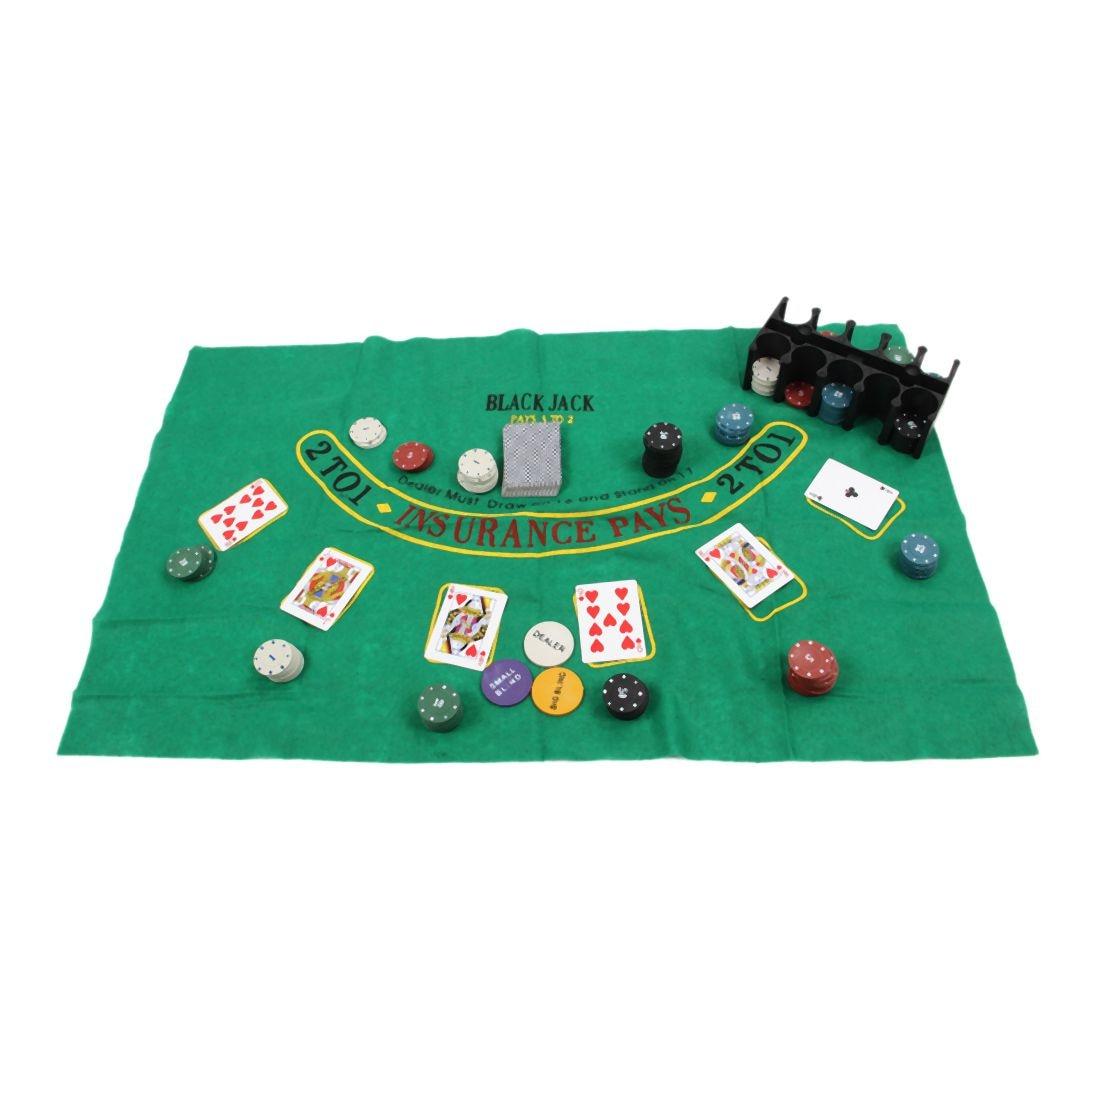 new-sale-super-deal-200-baccarat-chips-bargaining-font-b-poker-b-font-chips-set-blackjack-table-cloth-blinds-dealer--font-b-poker-b-font-cards